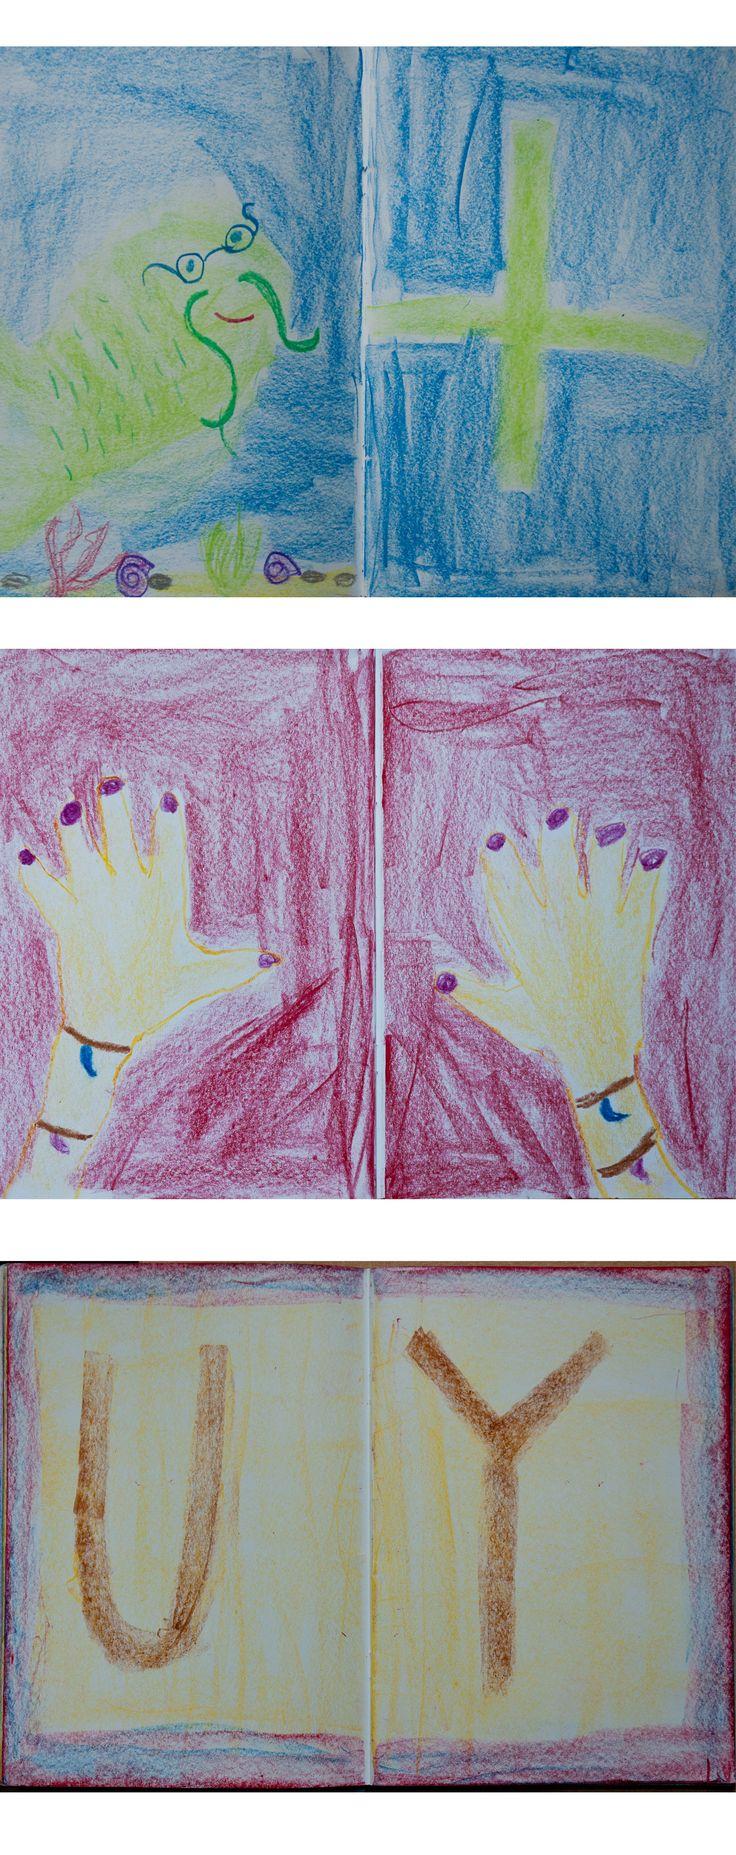 Pedagogika waldorfska a matematyka. Metematyka i jeden przykład pisania liter. Prace dzieci z klasy 1. Waldorf 1st grade ~ Szkoła Waldorfska im Korczaka w Krakowie Waldorf school in Cracow, Poland  #prace ręczne  #waldorfskaszkola #waldorfskaszkoła #szkoła_waldorfska #szkoła_kraków #dobraszkoła  #szkolne #korczak #dzieci #polska #edukacja #edukacjawaldorfska